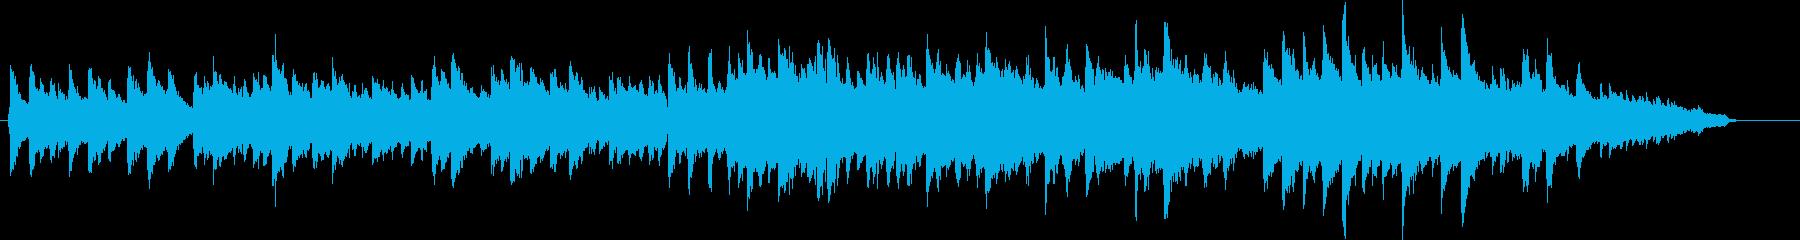 ピアノの旋律が印象的な、和風BGMの再生済みの波形